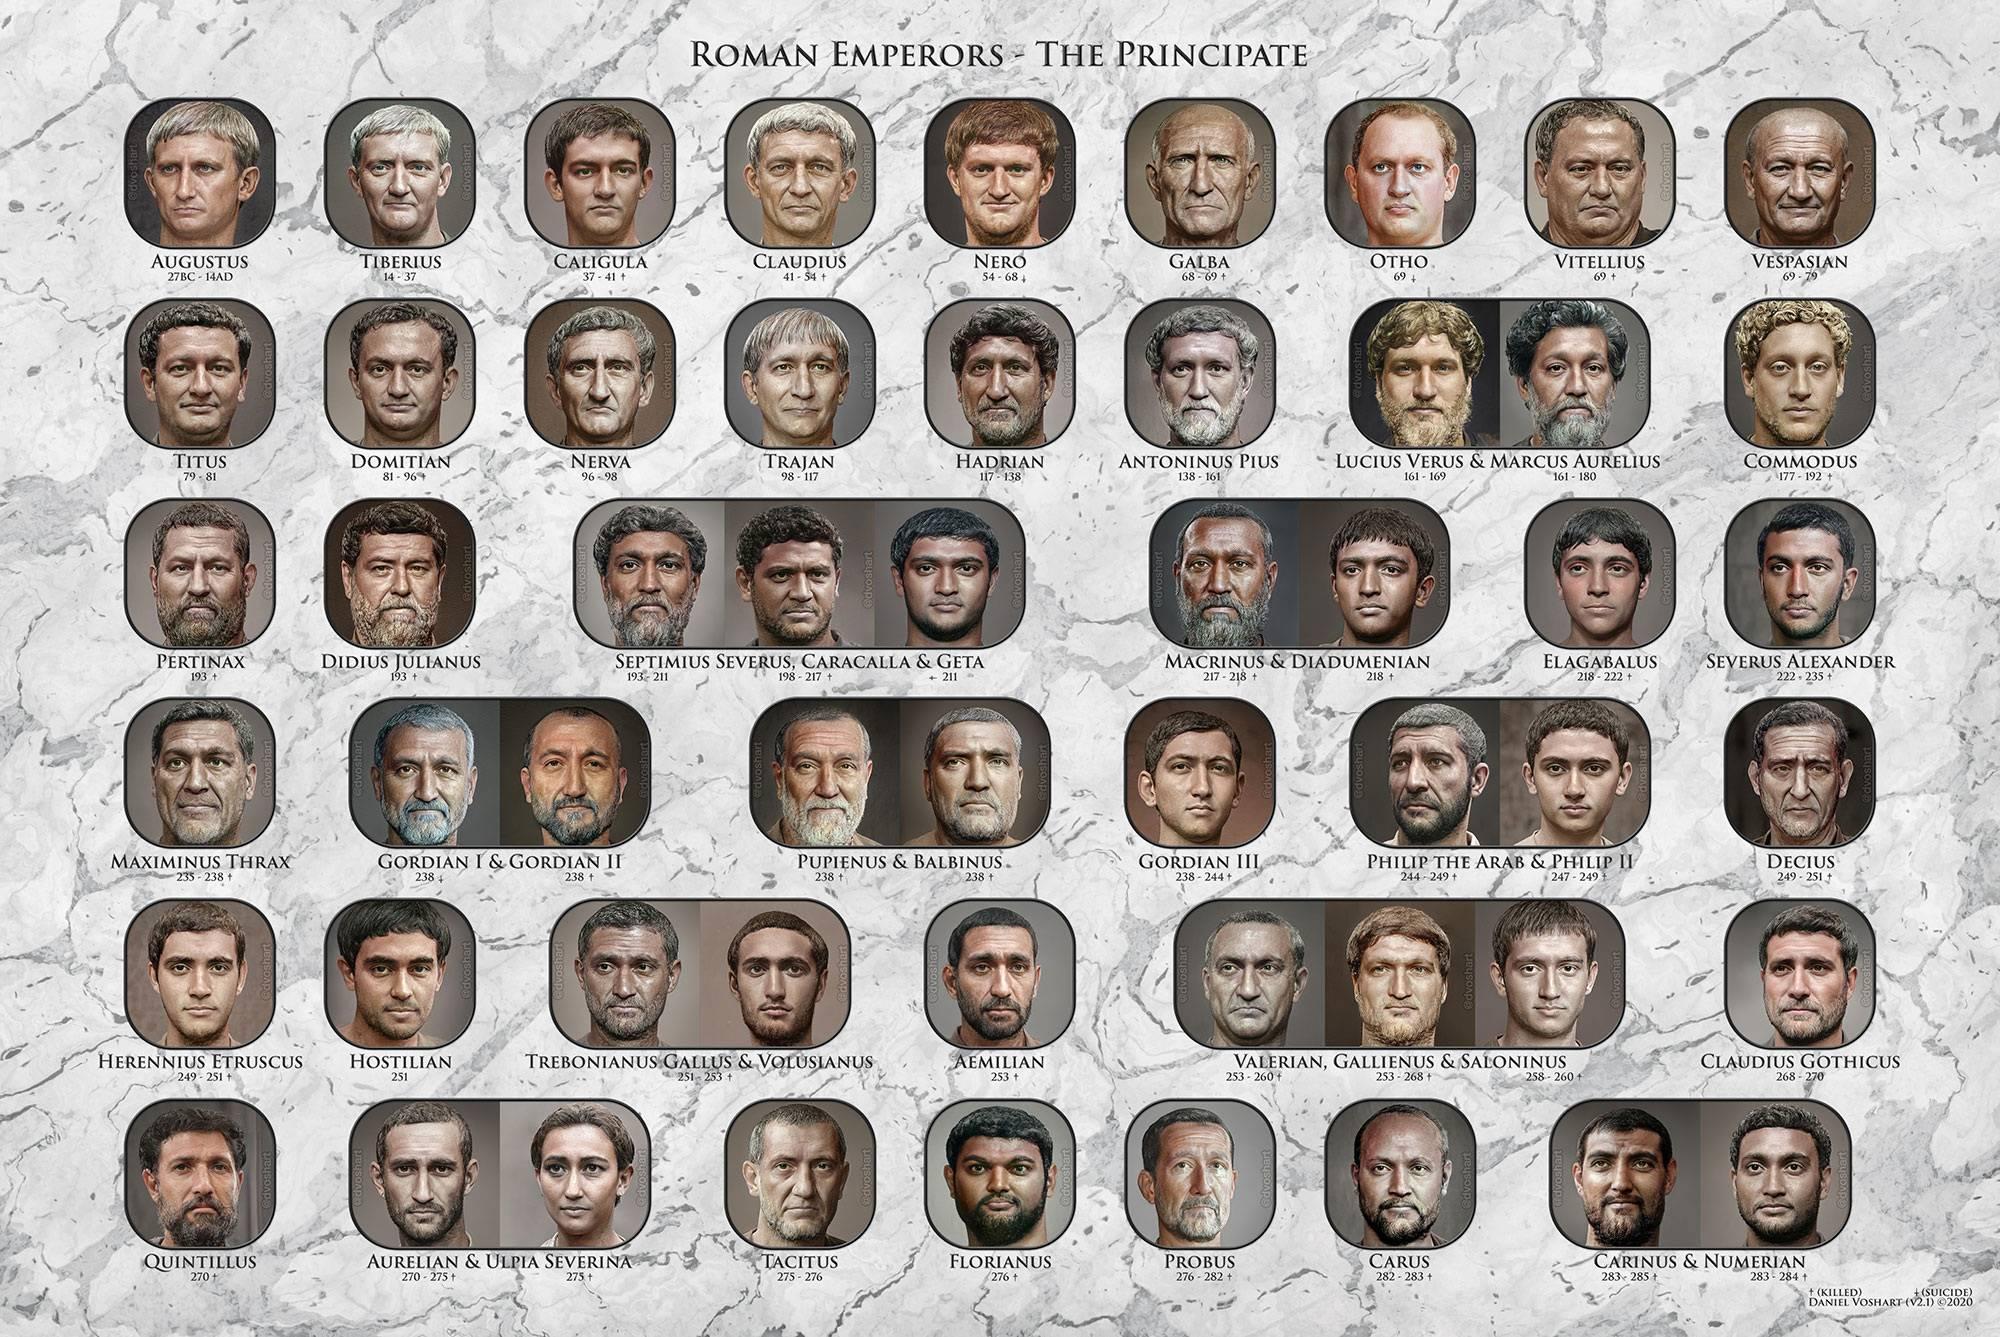 Los rostros de los emperadores trabajados con Inteligencia Artificial.